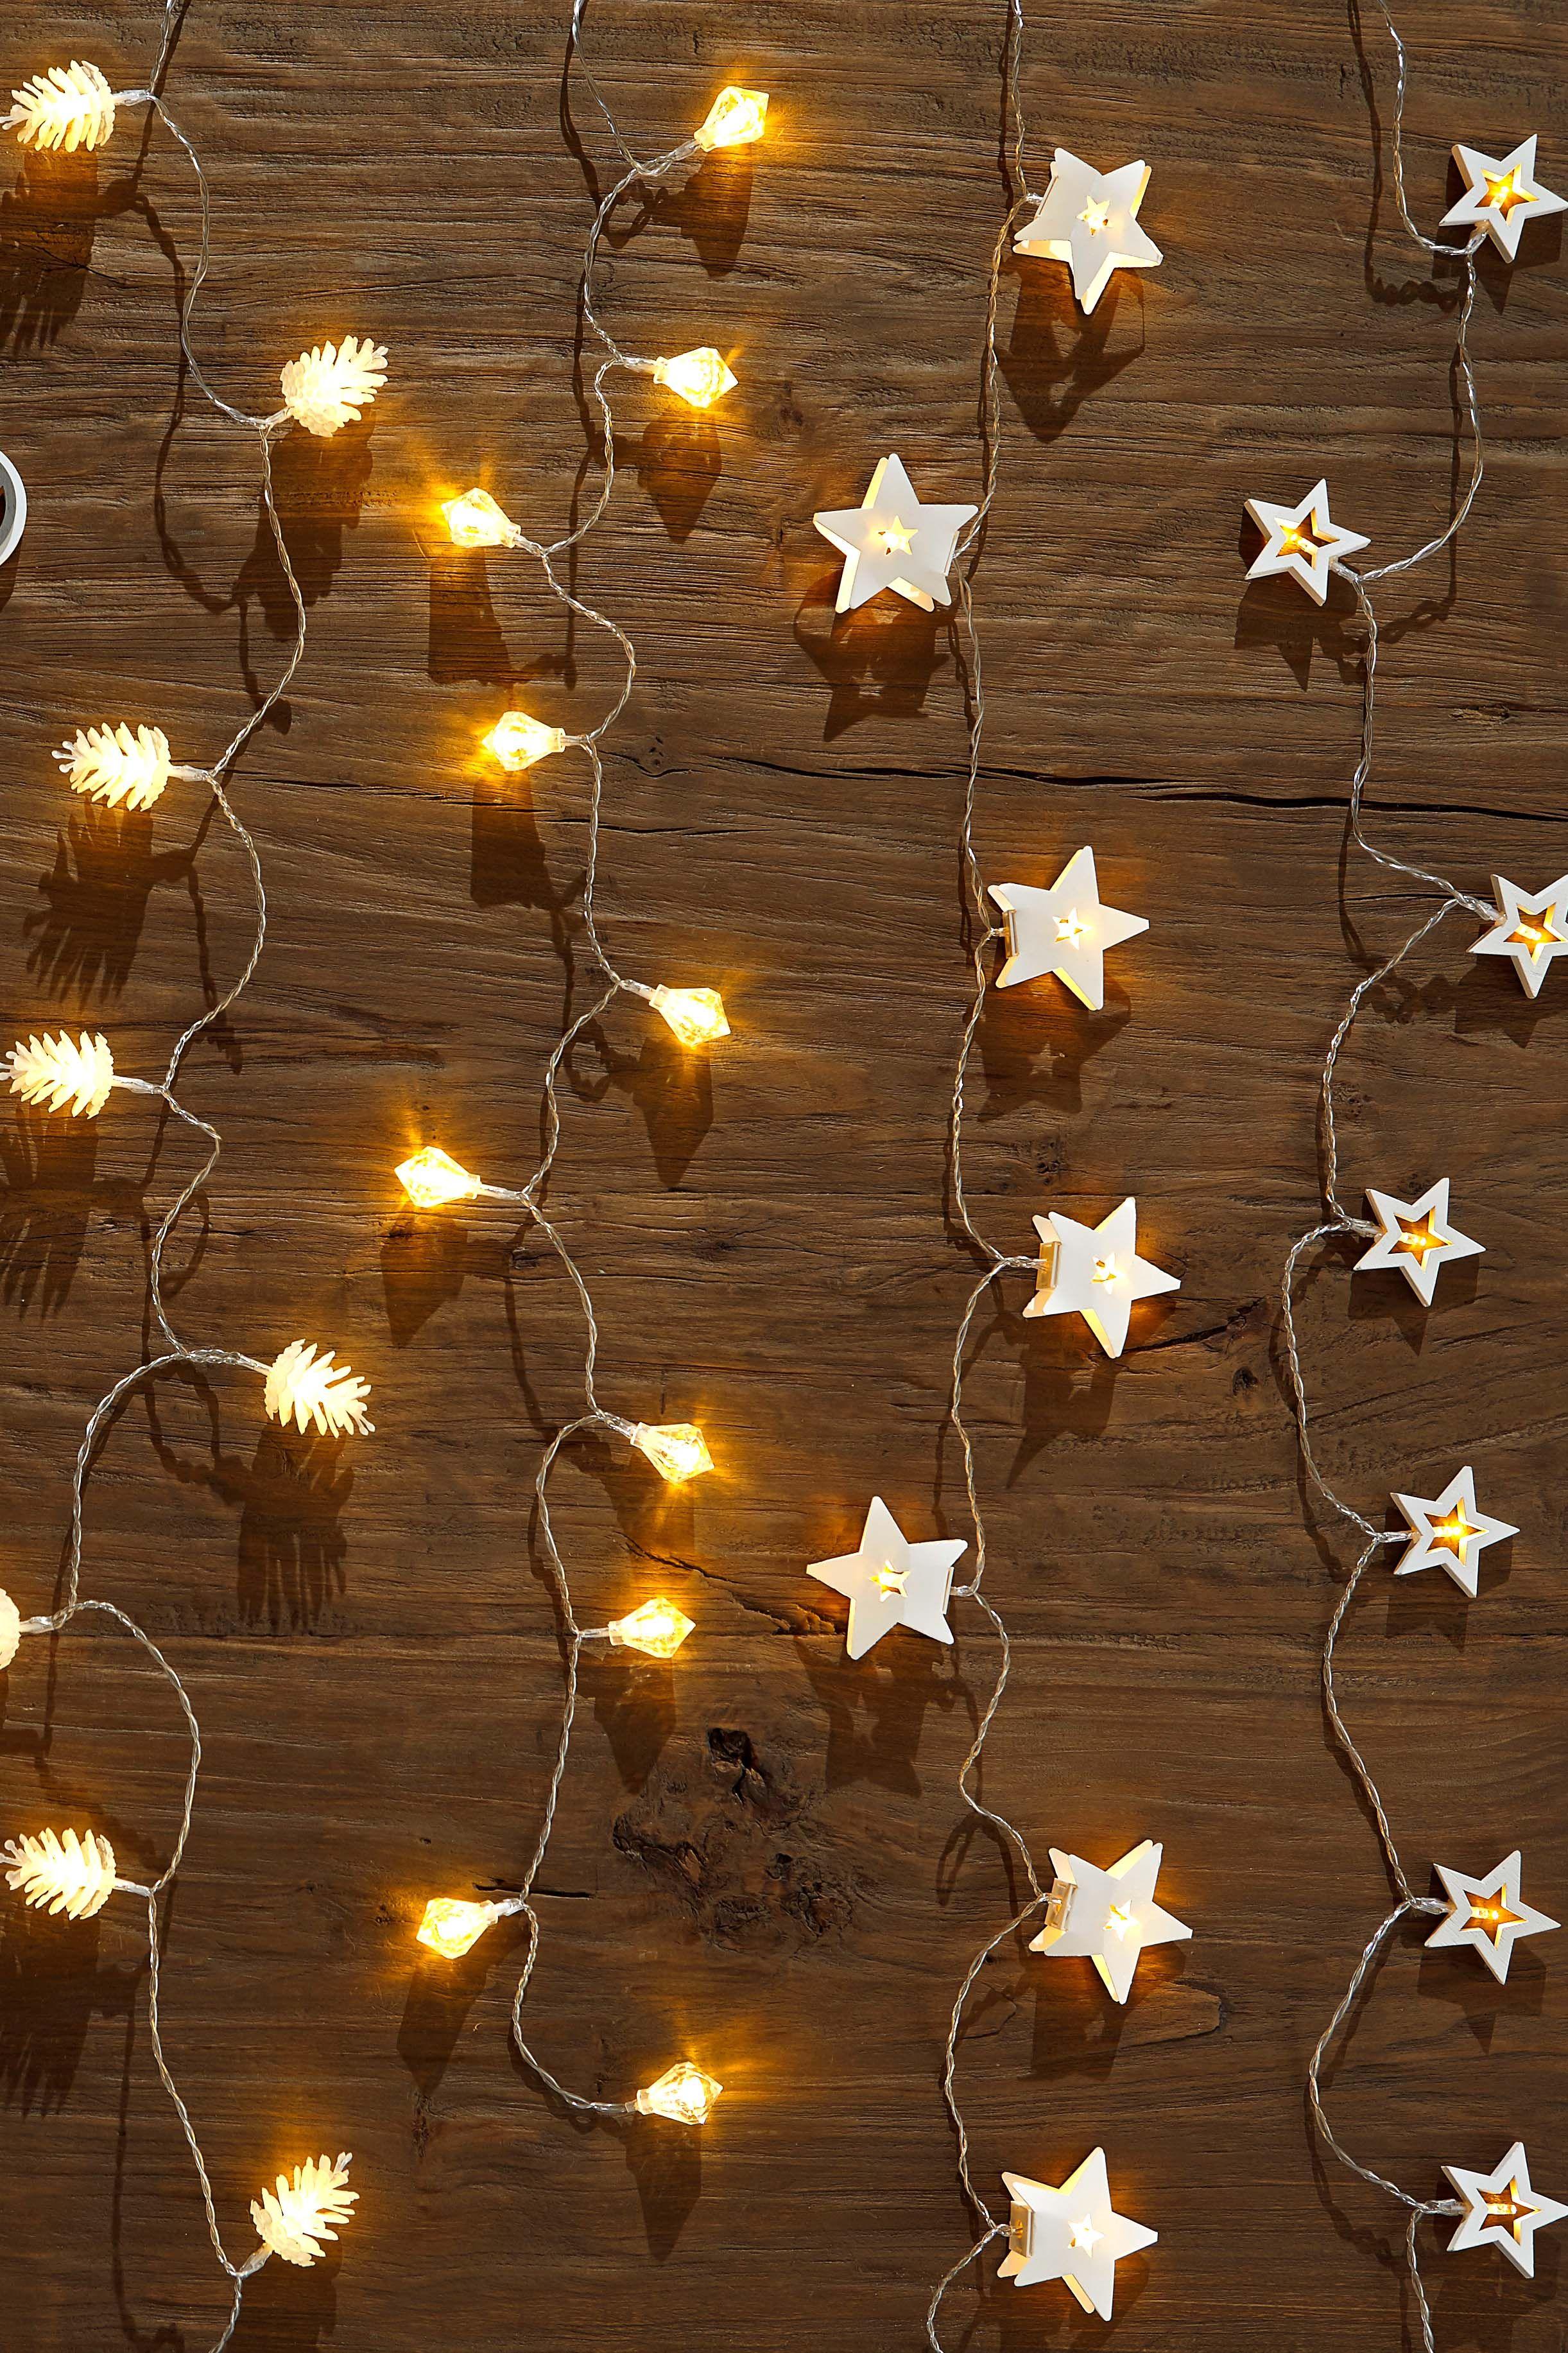 Led Lichterkette Funkeln.So Schon Funkeln Unsere Lichterketten Aus Sternen Tannen